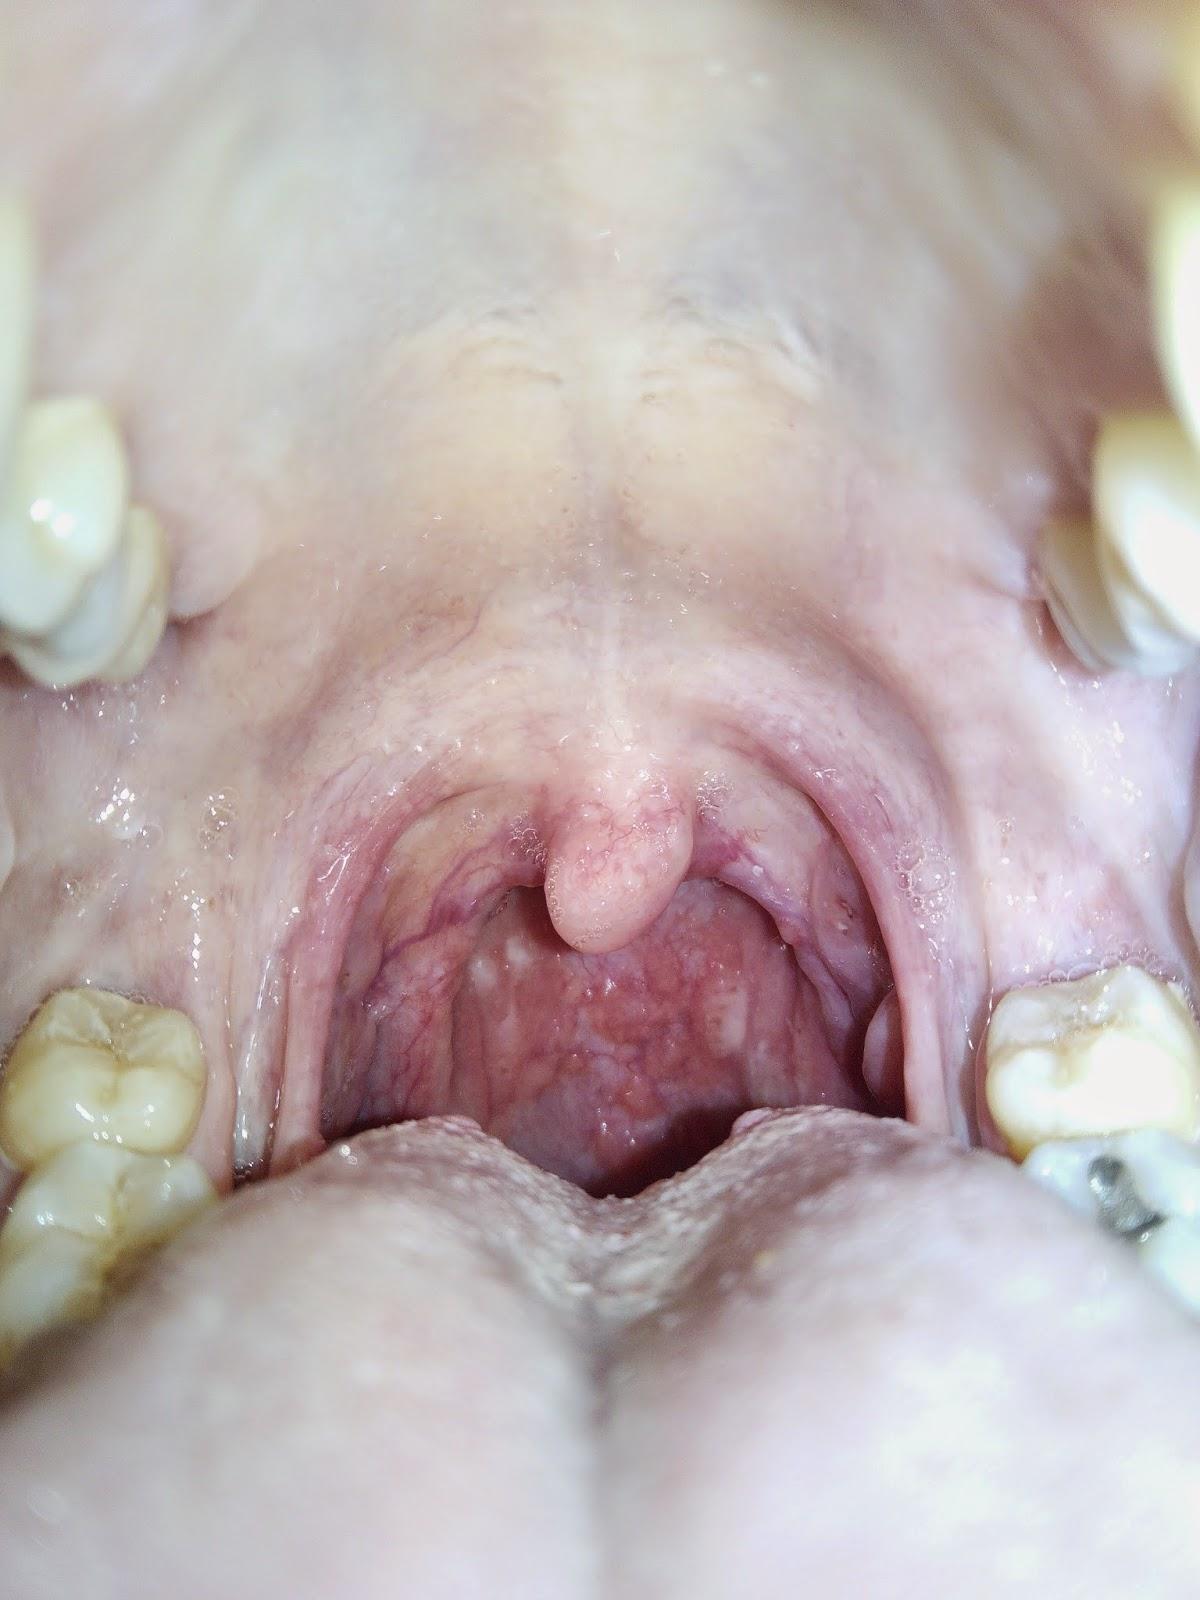 Manchas blancas en la parte posterior de mi garganta